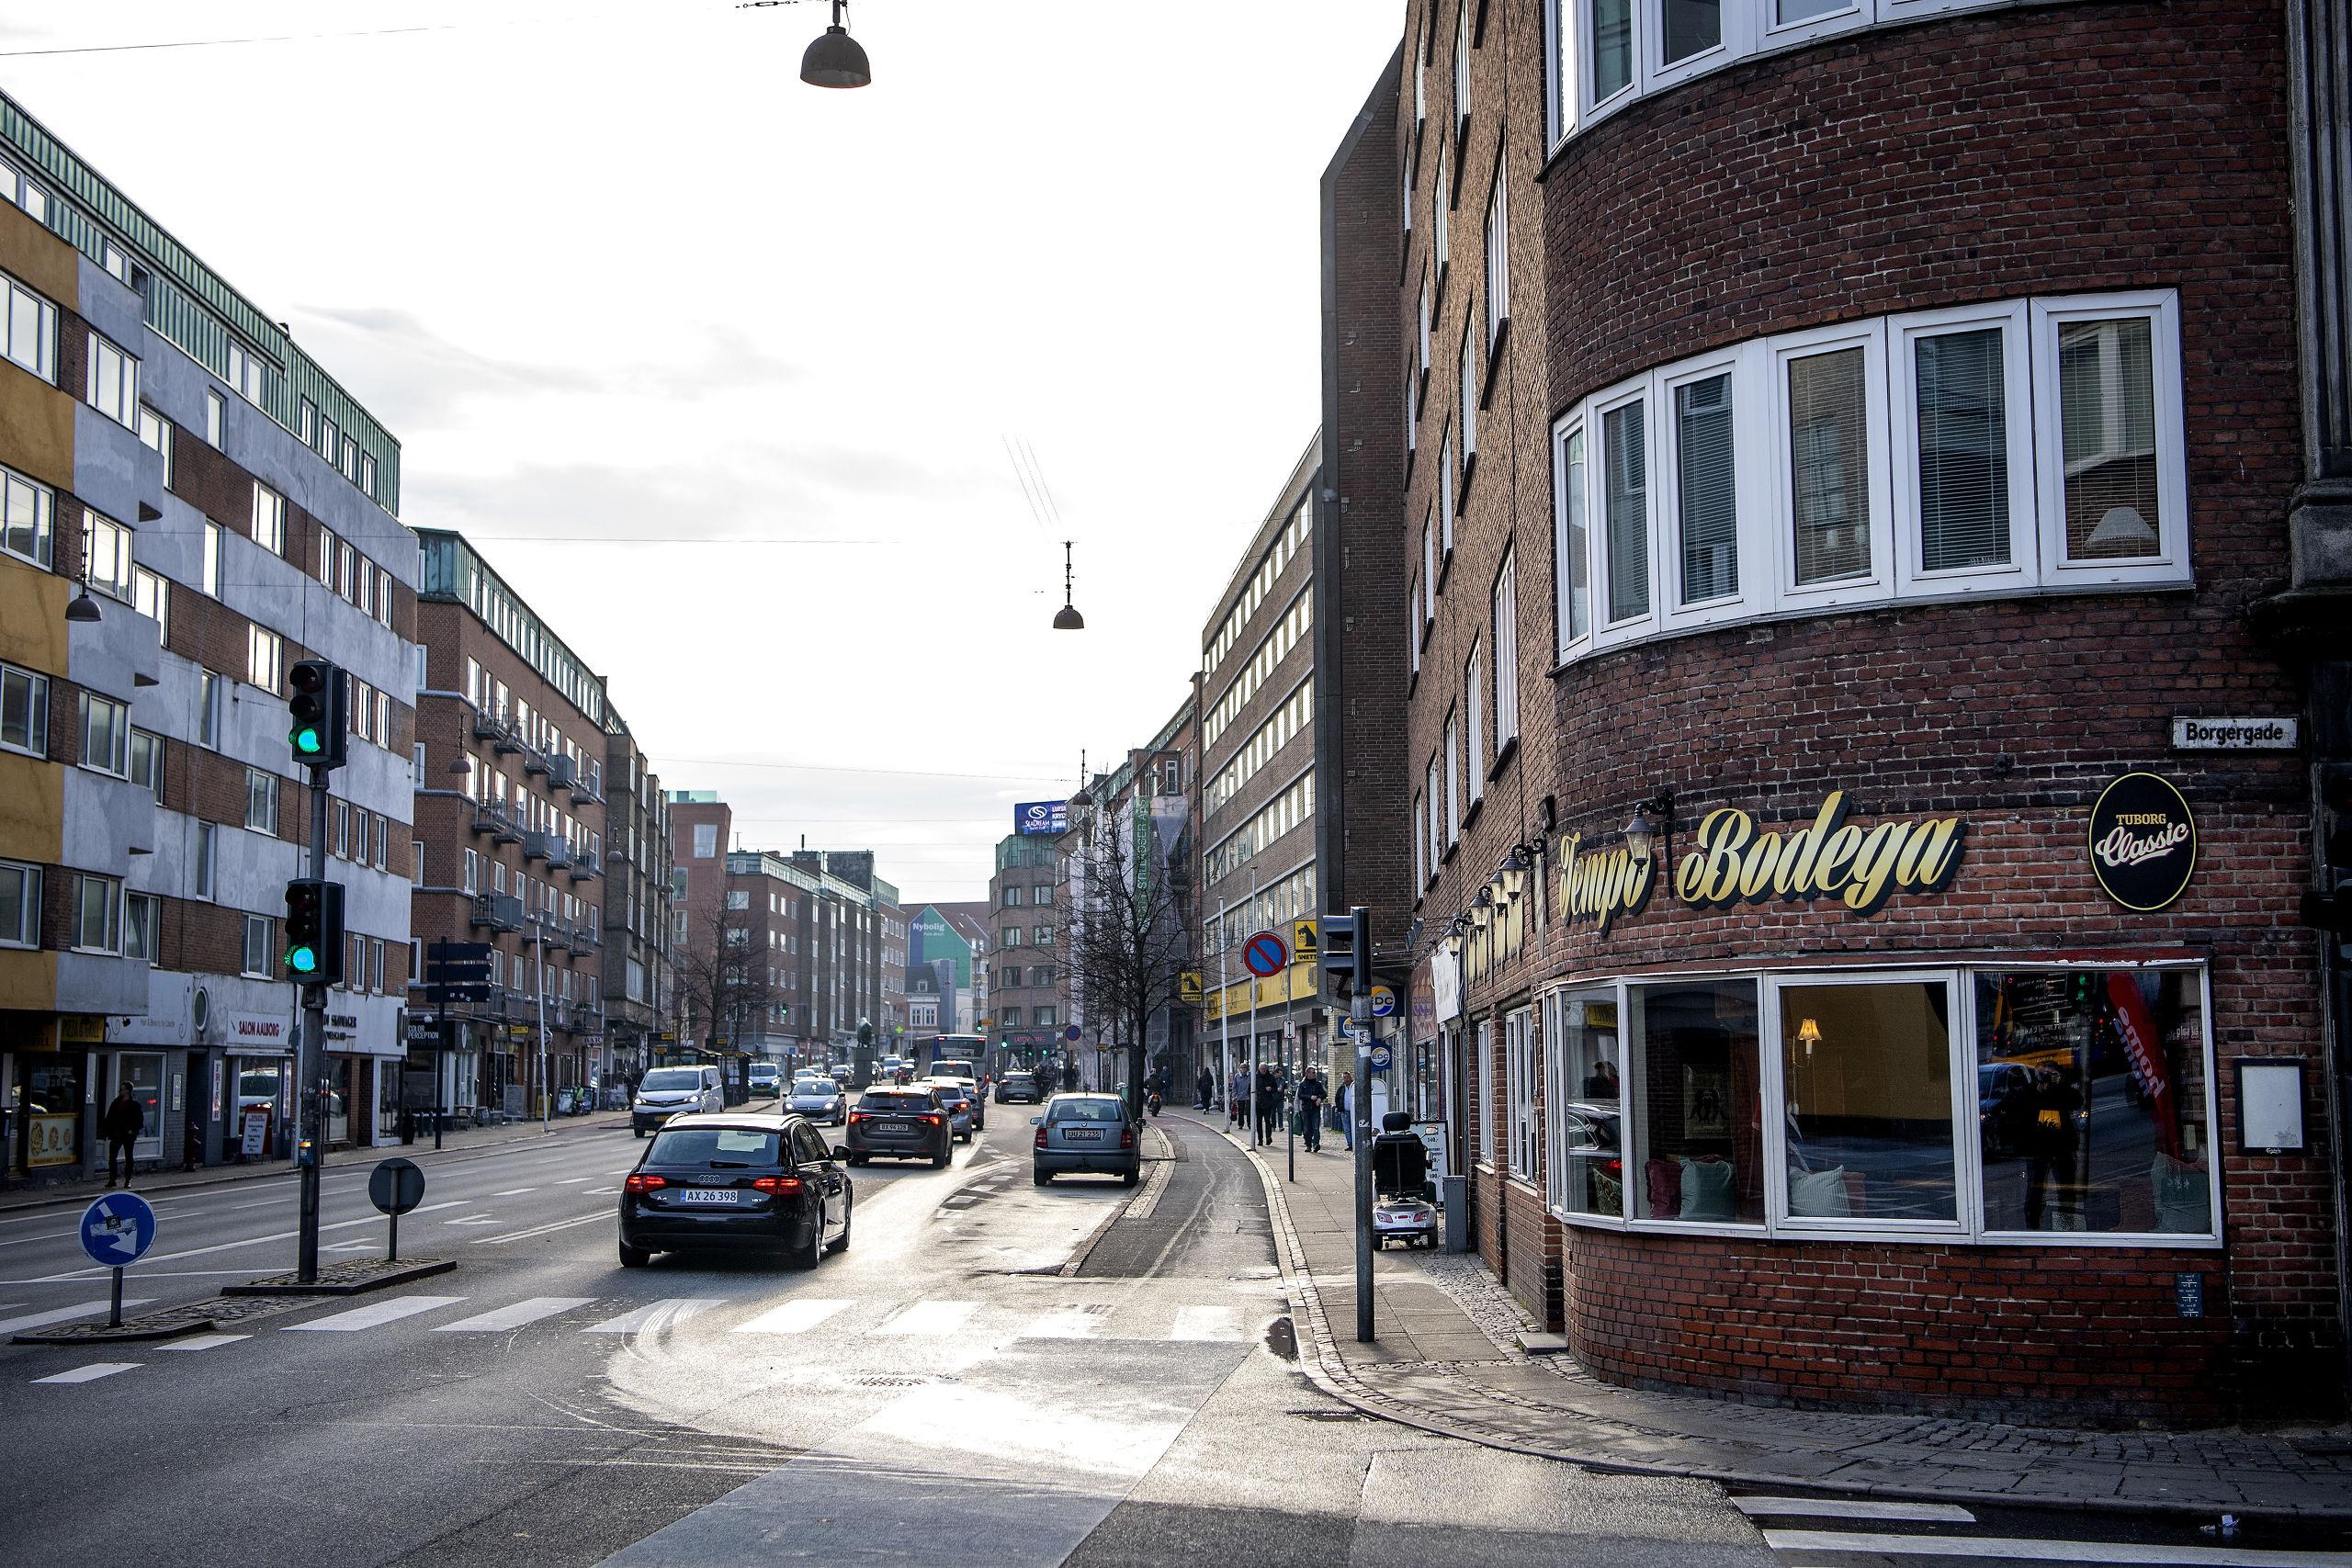 Det er skiftedag hos Tempo på hjørnet af Vesterbro og Borgergade. Foto: Henrik Bo